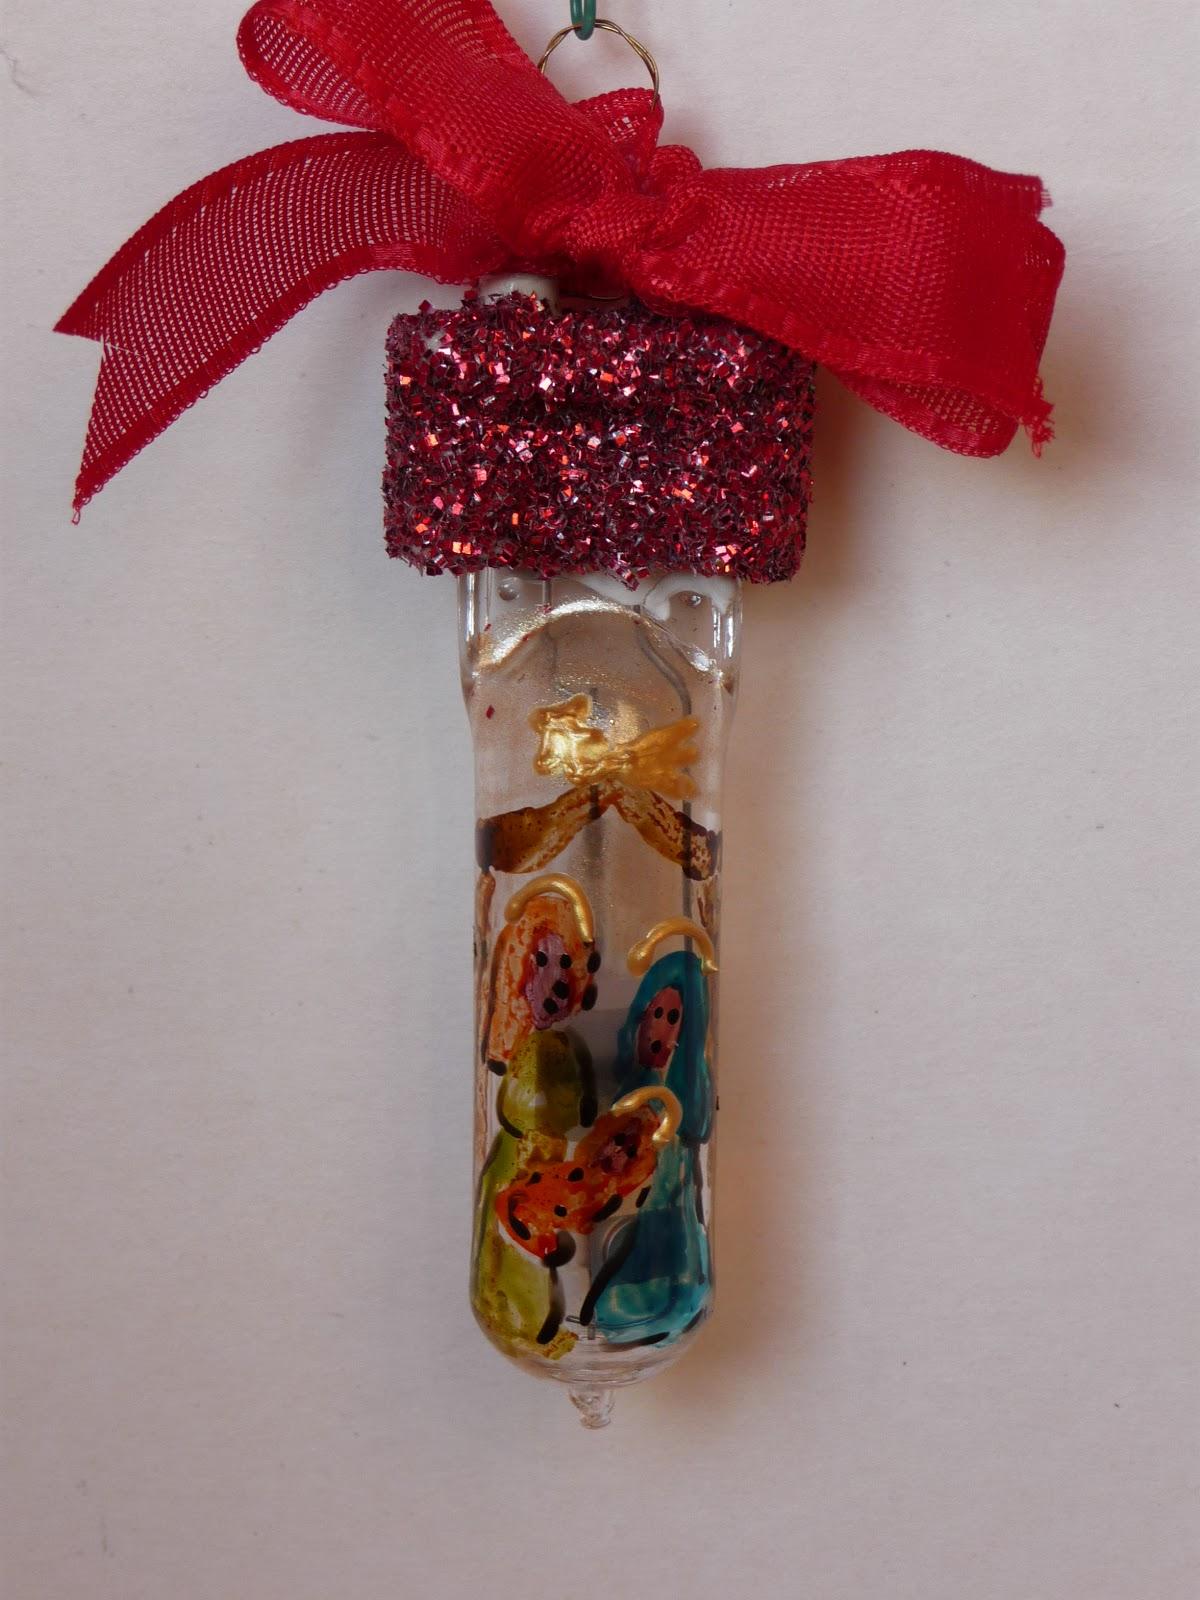 Riciclare Lampadine Per Natale: Ho visto questa idea di decorazione natalizia in innumerevoli ...